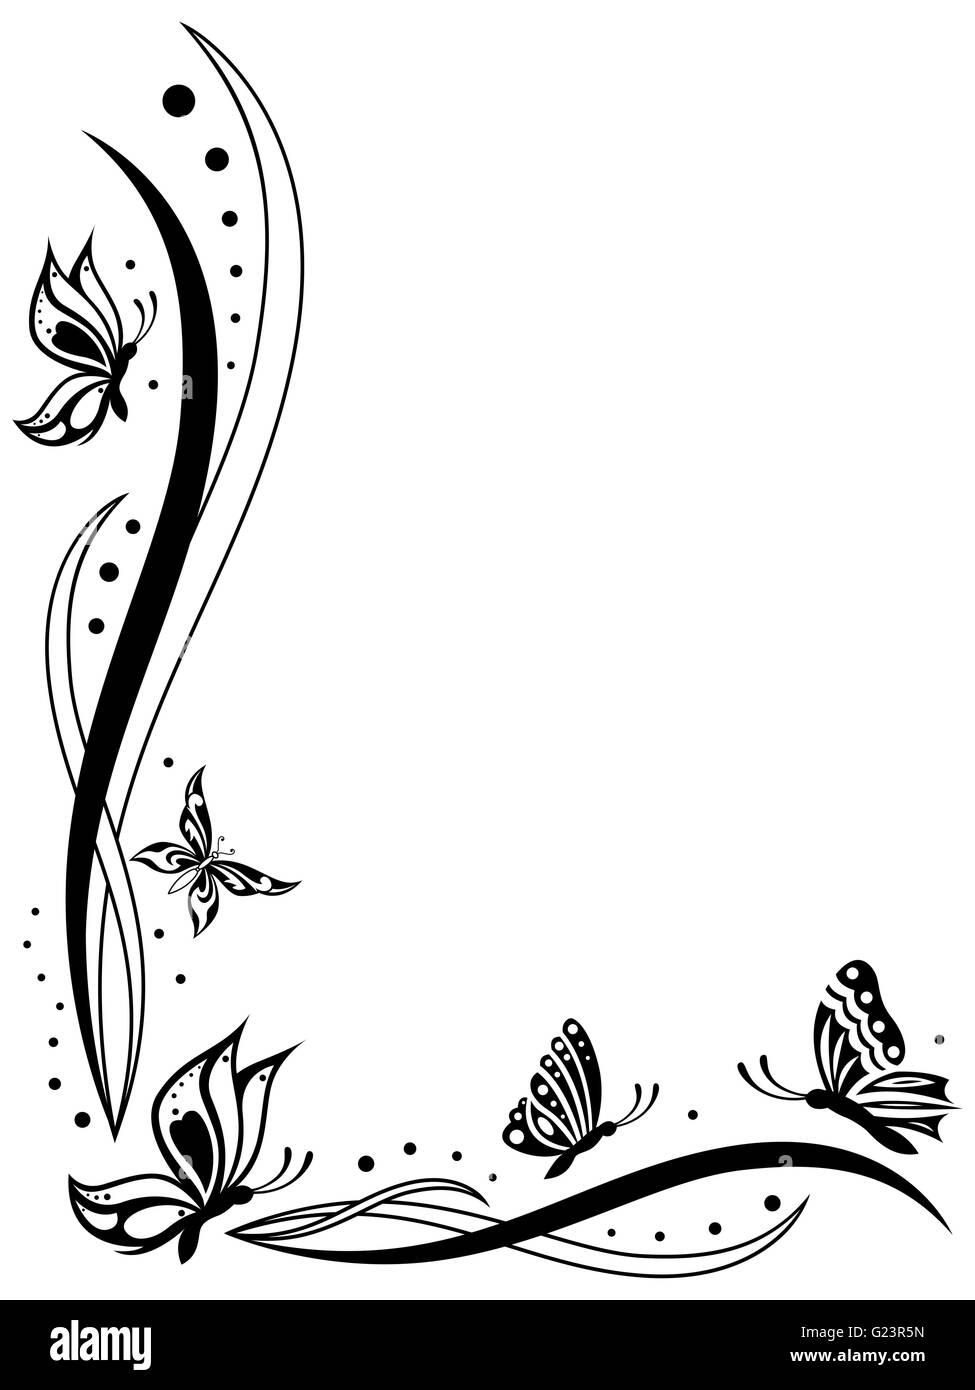 Floral Grußkarte mit Schmetterlingen, umreißt schwarz Vektor auf dem ...